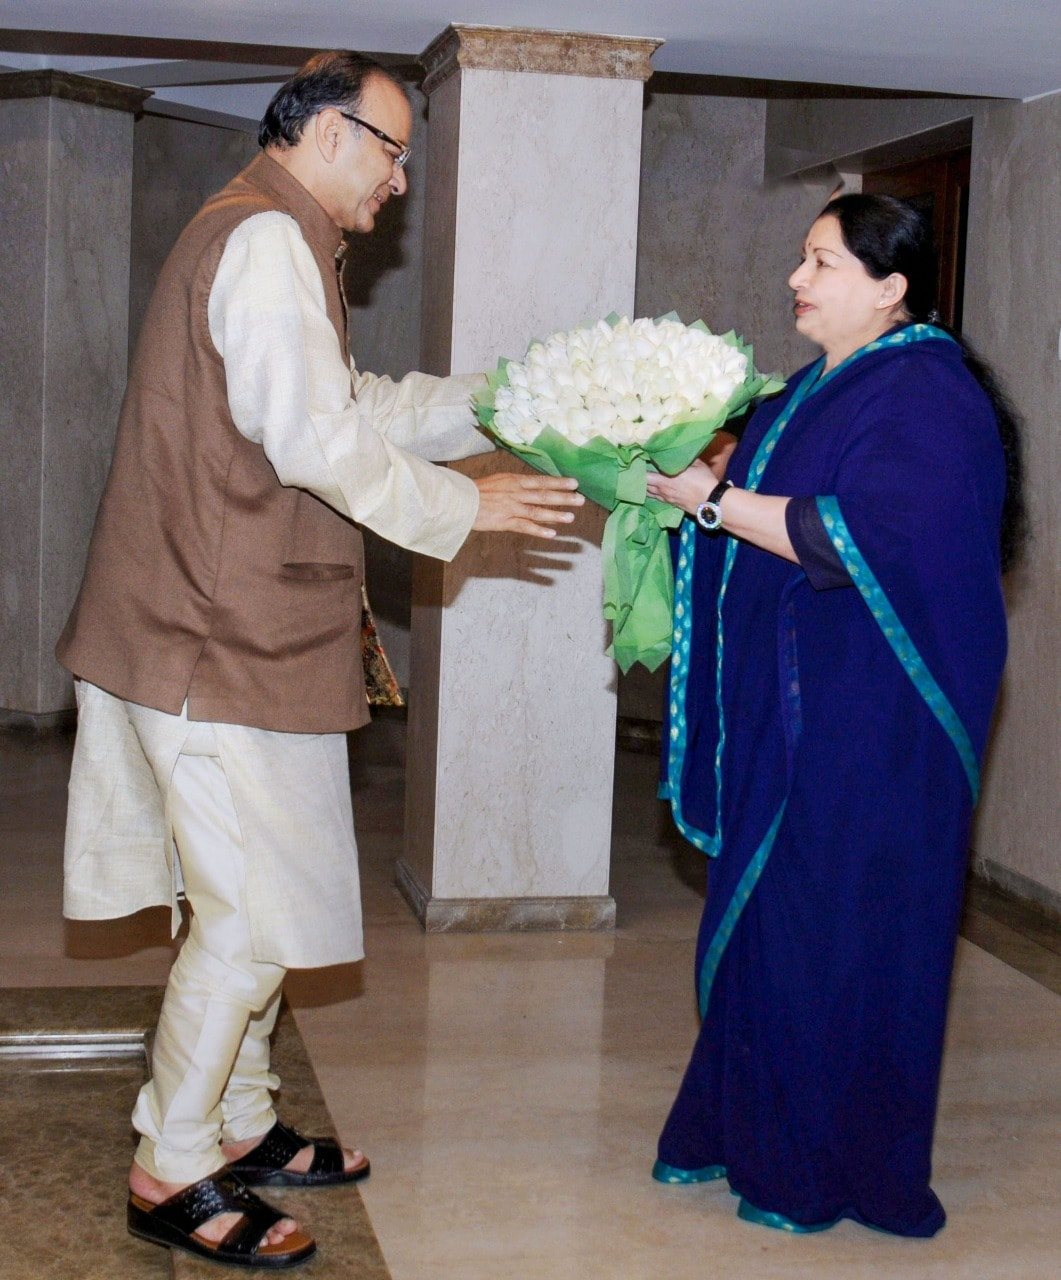 તમિલનાડુની પૂર્વ CM જયલલિતા સાથે પણ તેઓને સારો ઘરોબો હતો. જયલલિતા સાથેની તેમની તસવીર